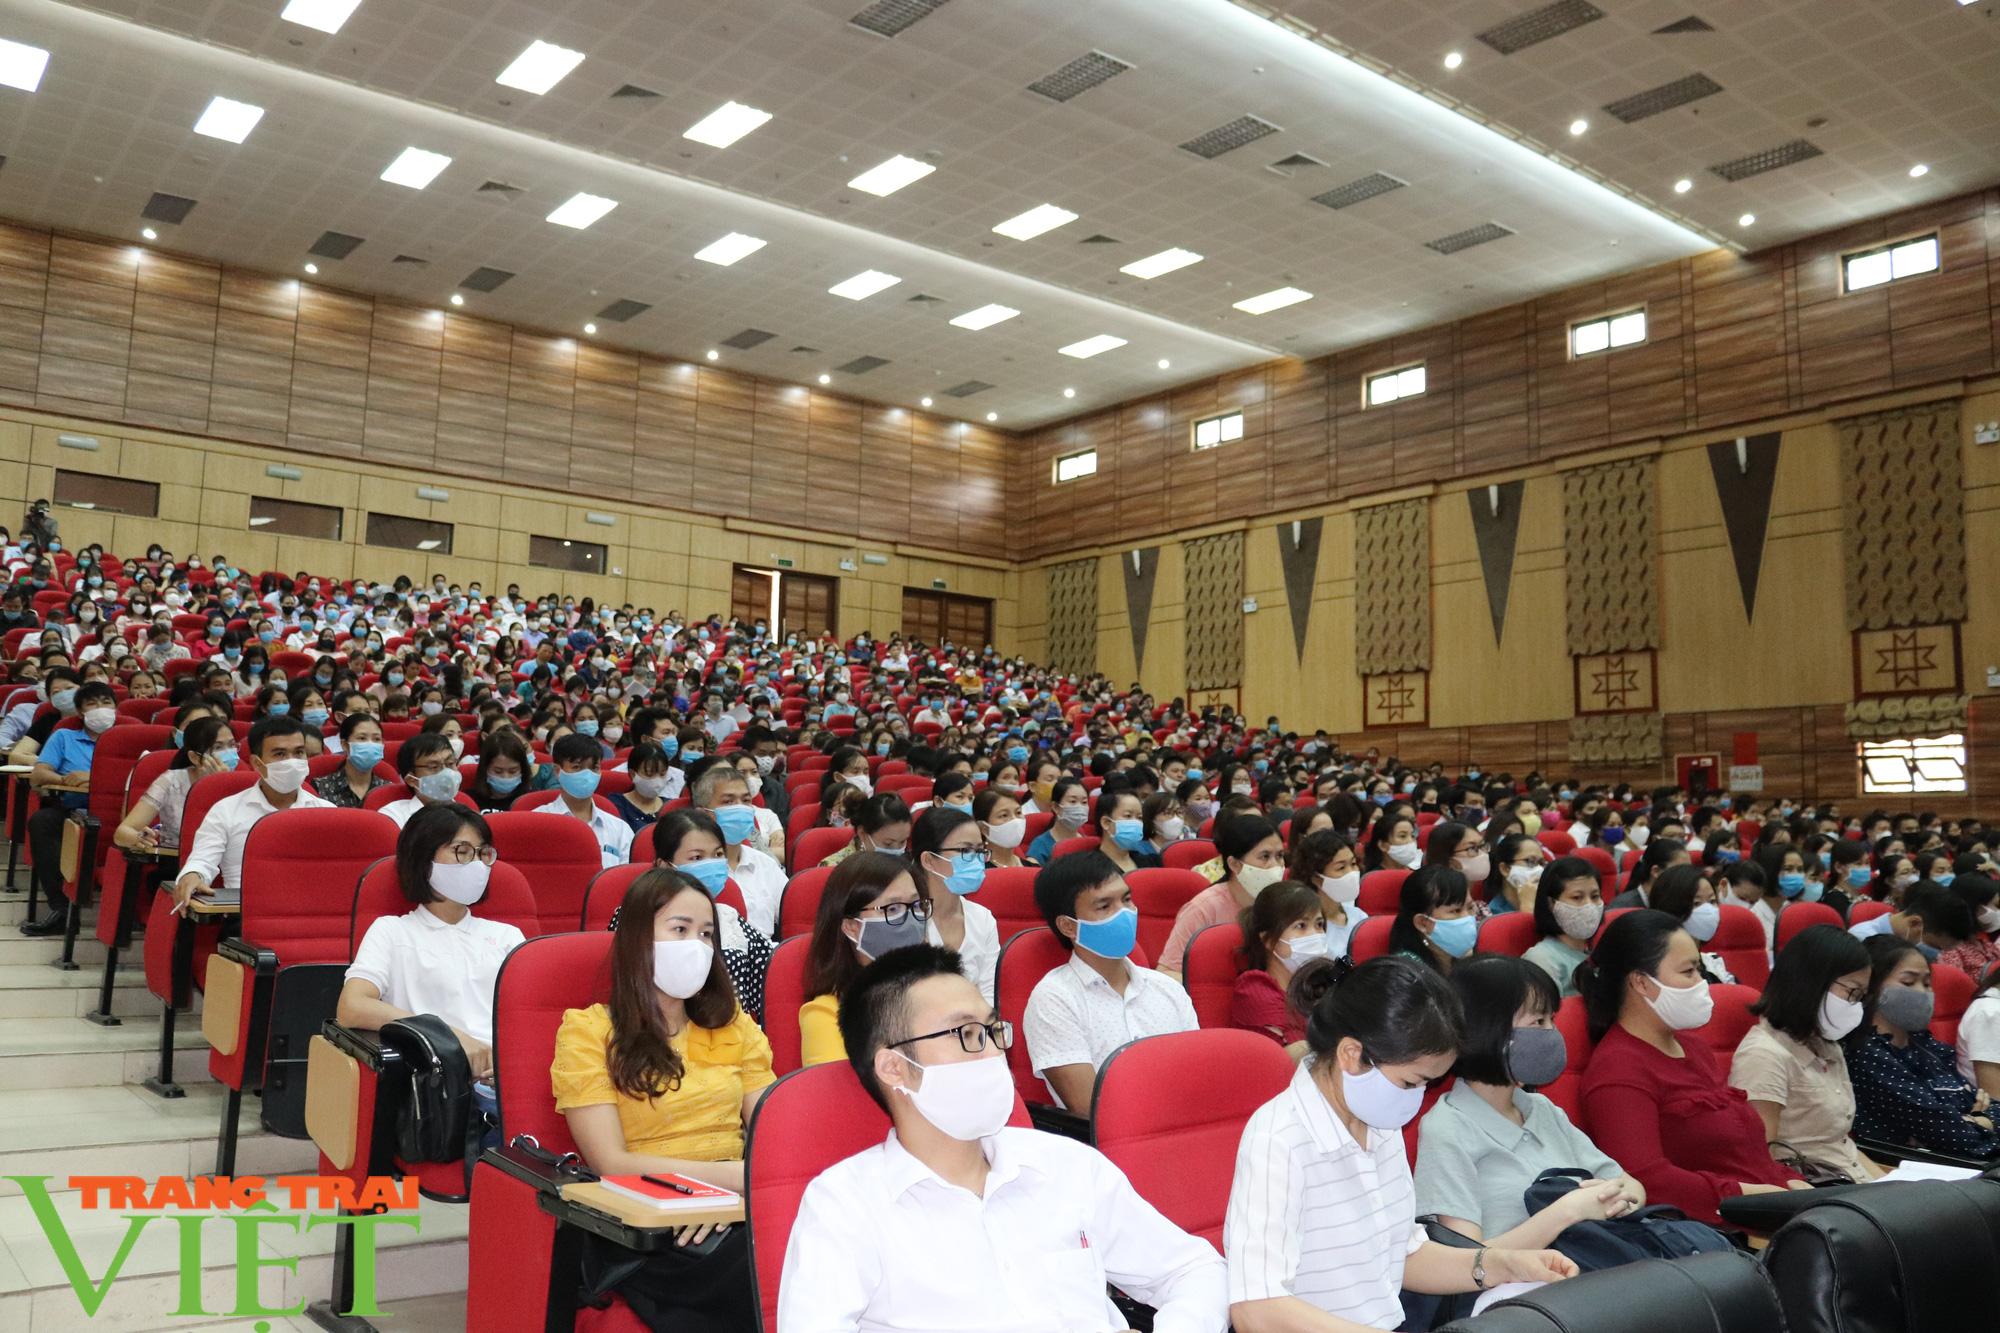 Sơn La: Hơn 1.000 cán bộ, giáo viên được tập huấn quy chế thi THPT năm 2020 - Ảnh 2.